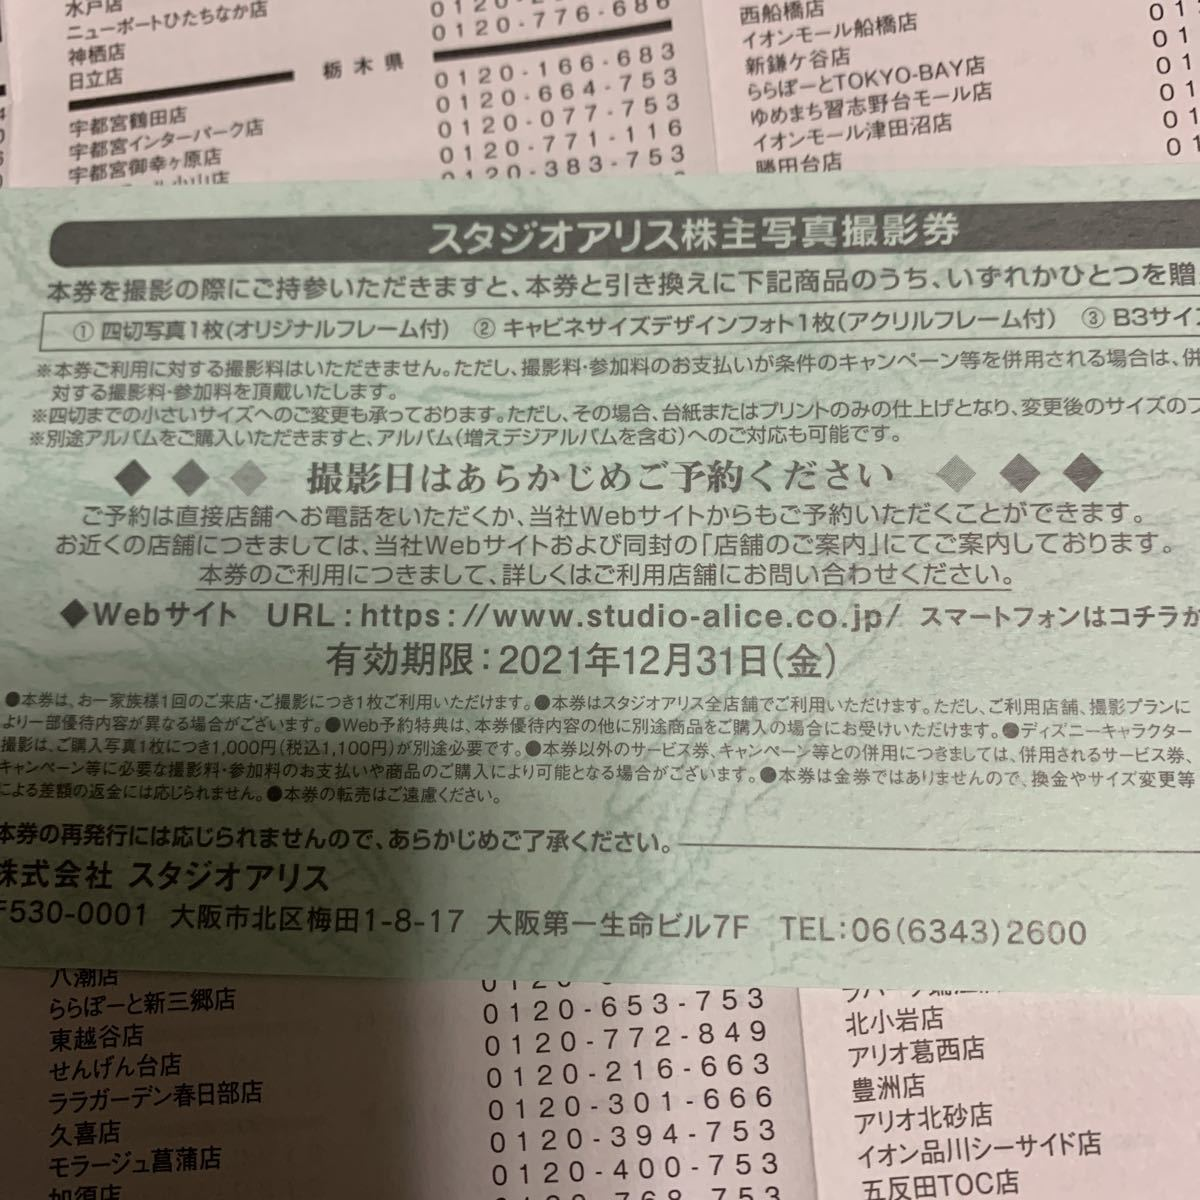 ゆうパケット送料込◆スタジオアリス 株主優待券 2021.12.31まで有効 1枚_画像2